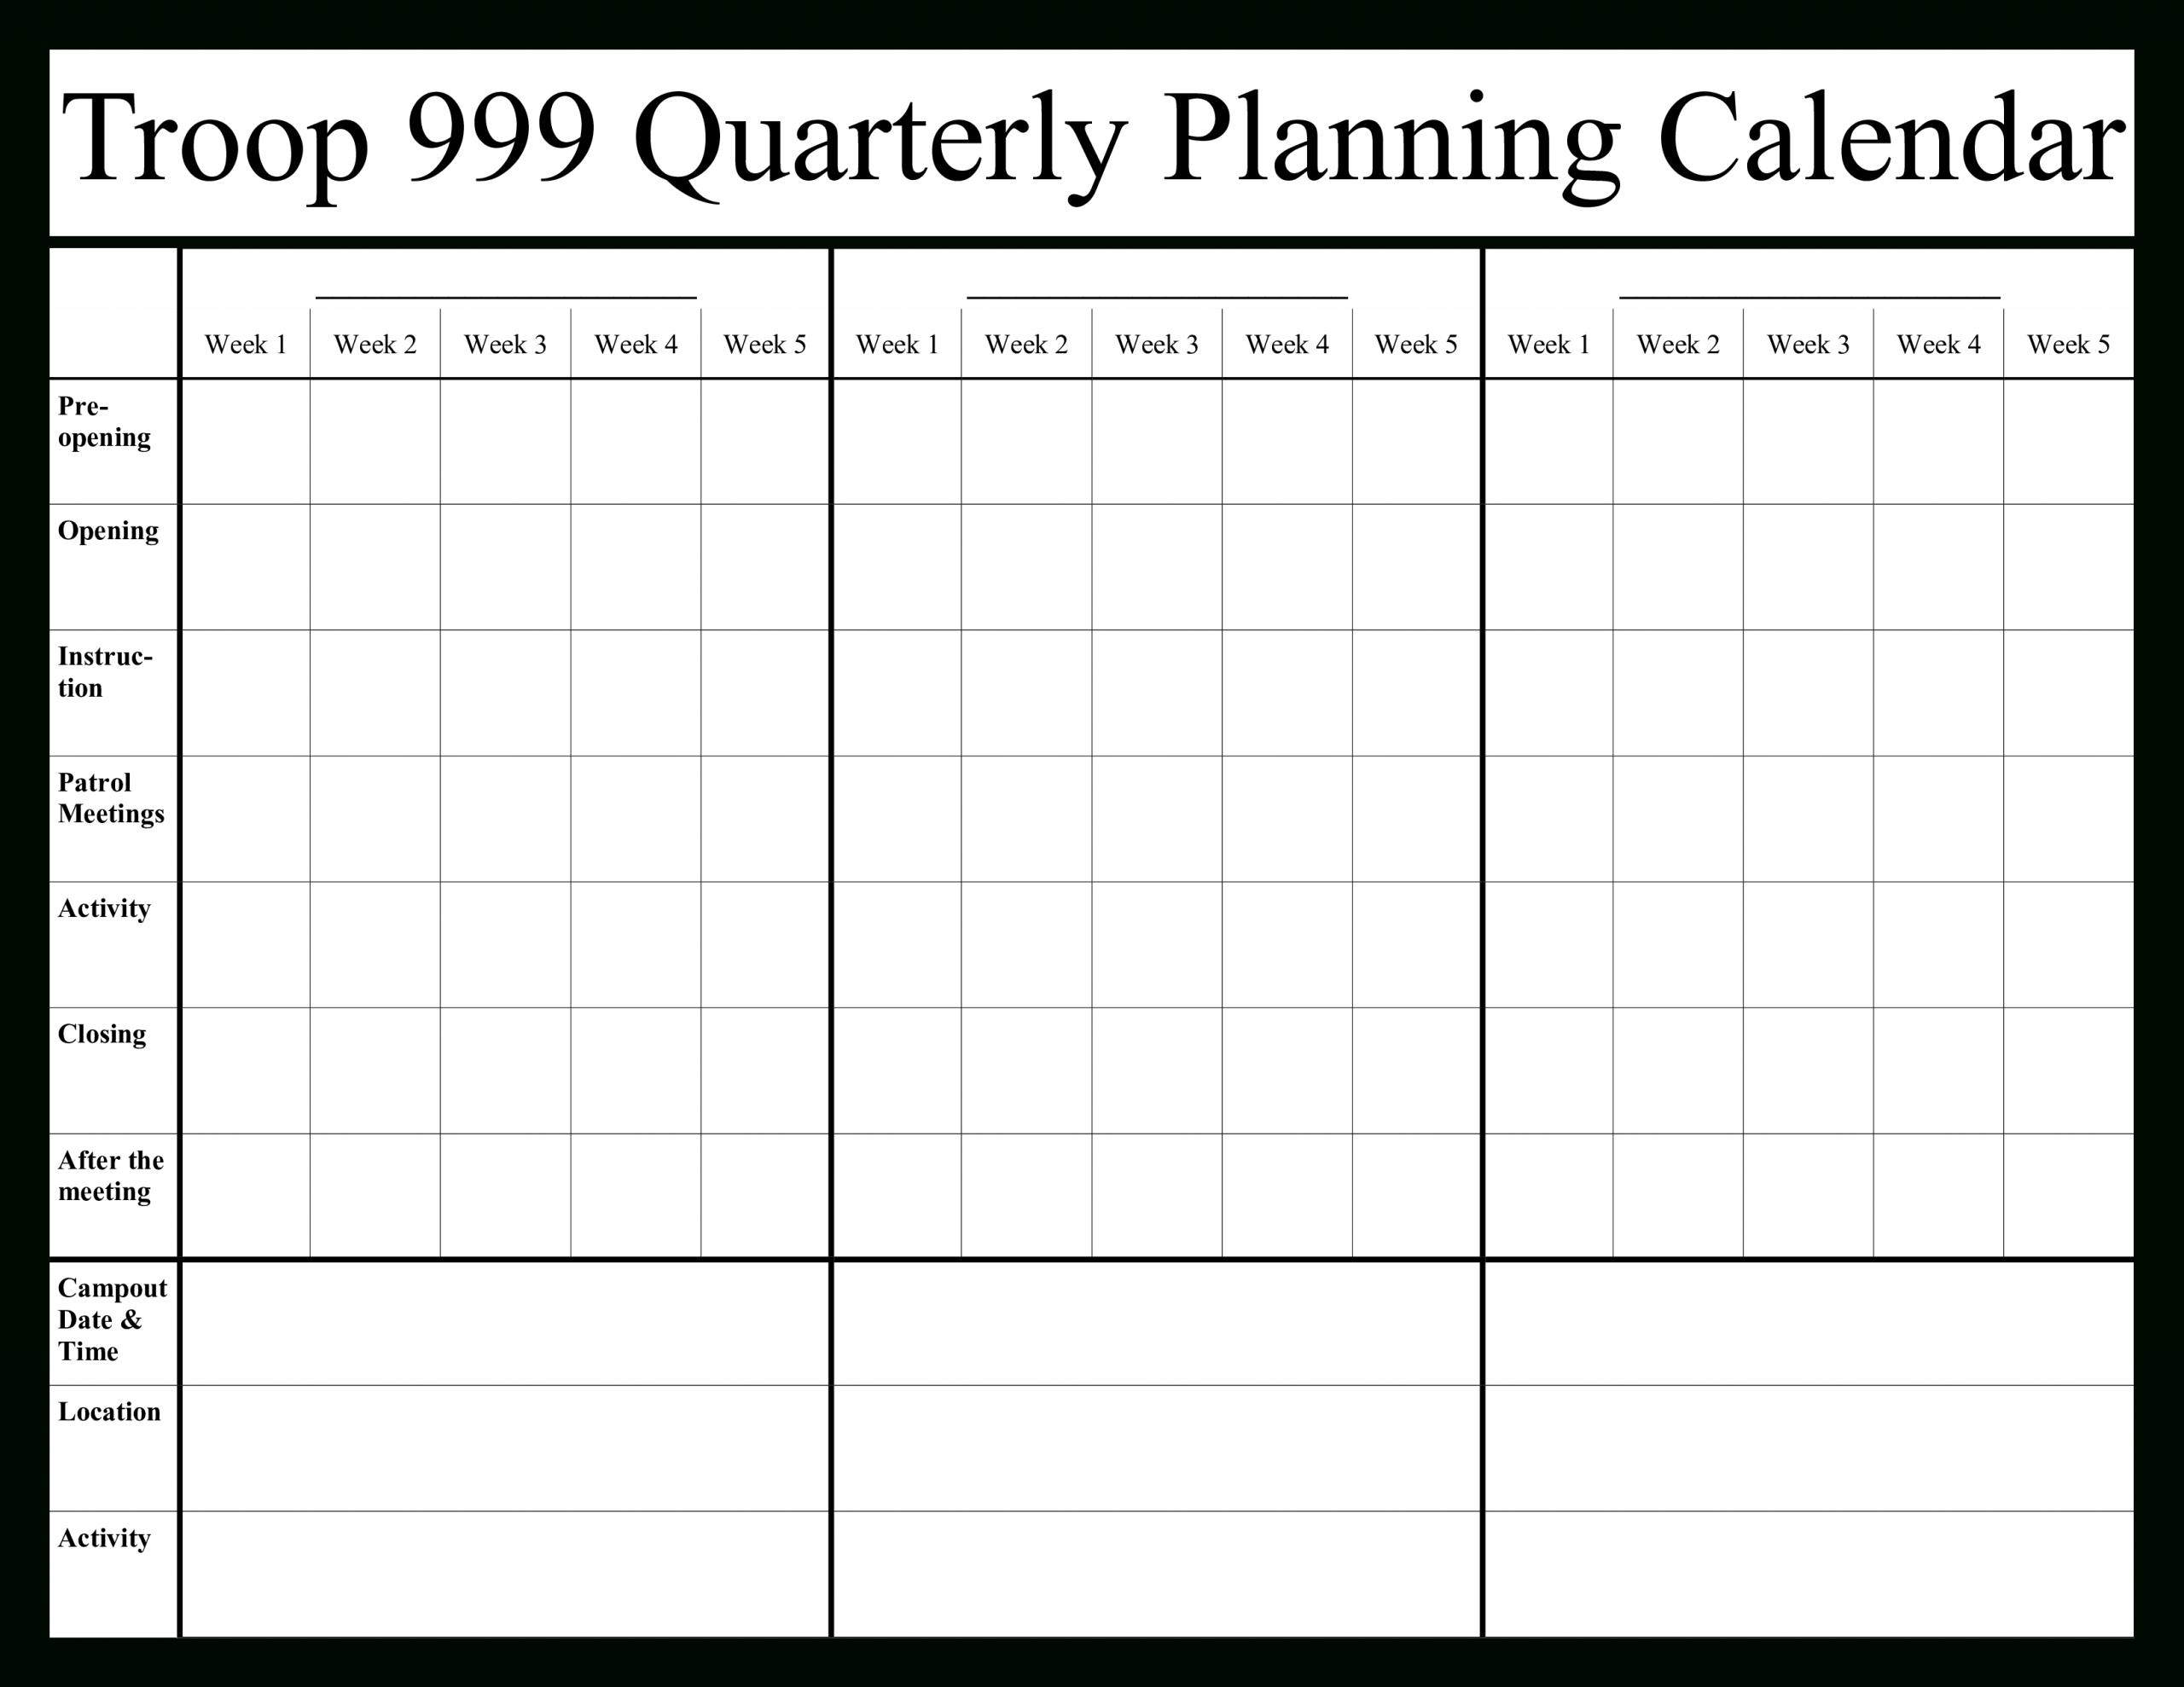 Quarterly Calendar 2020 Template - Togo.wpart.co